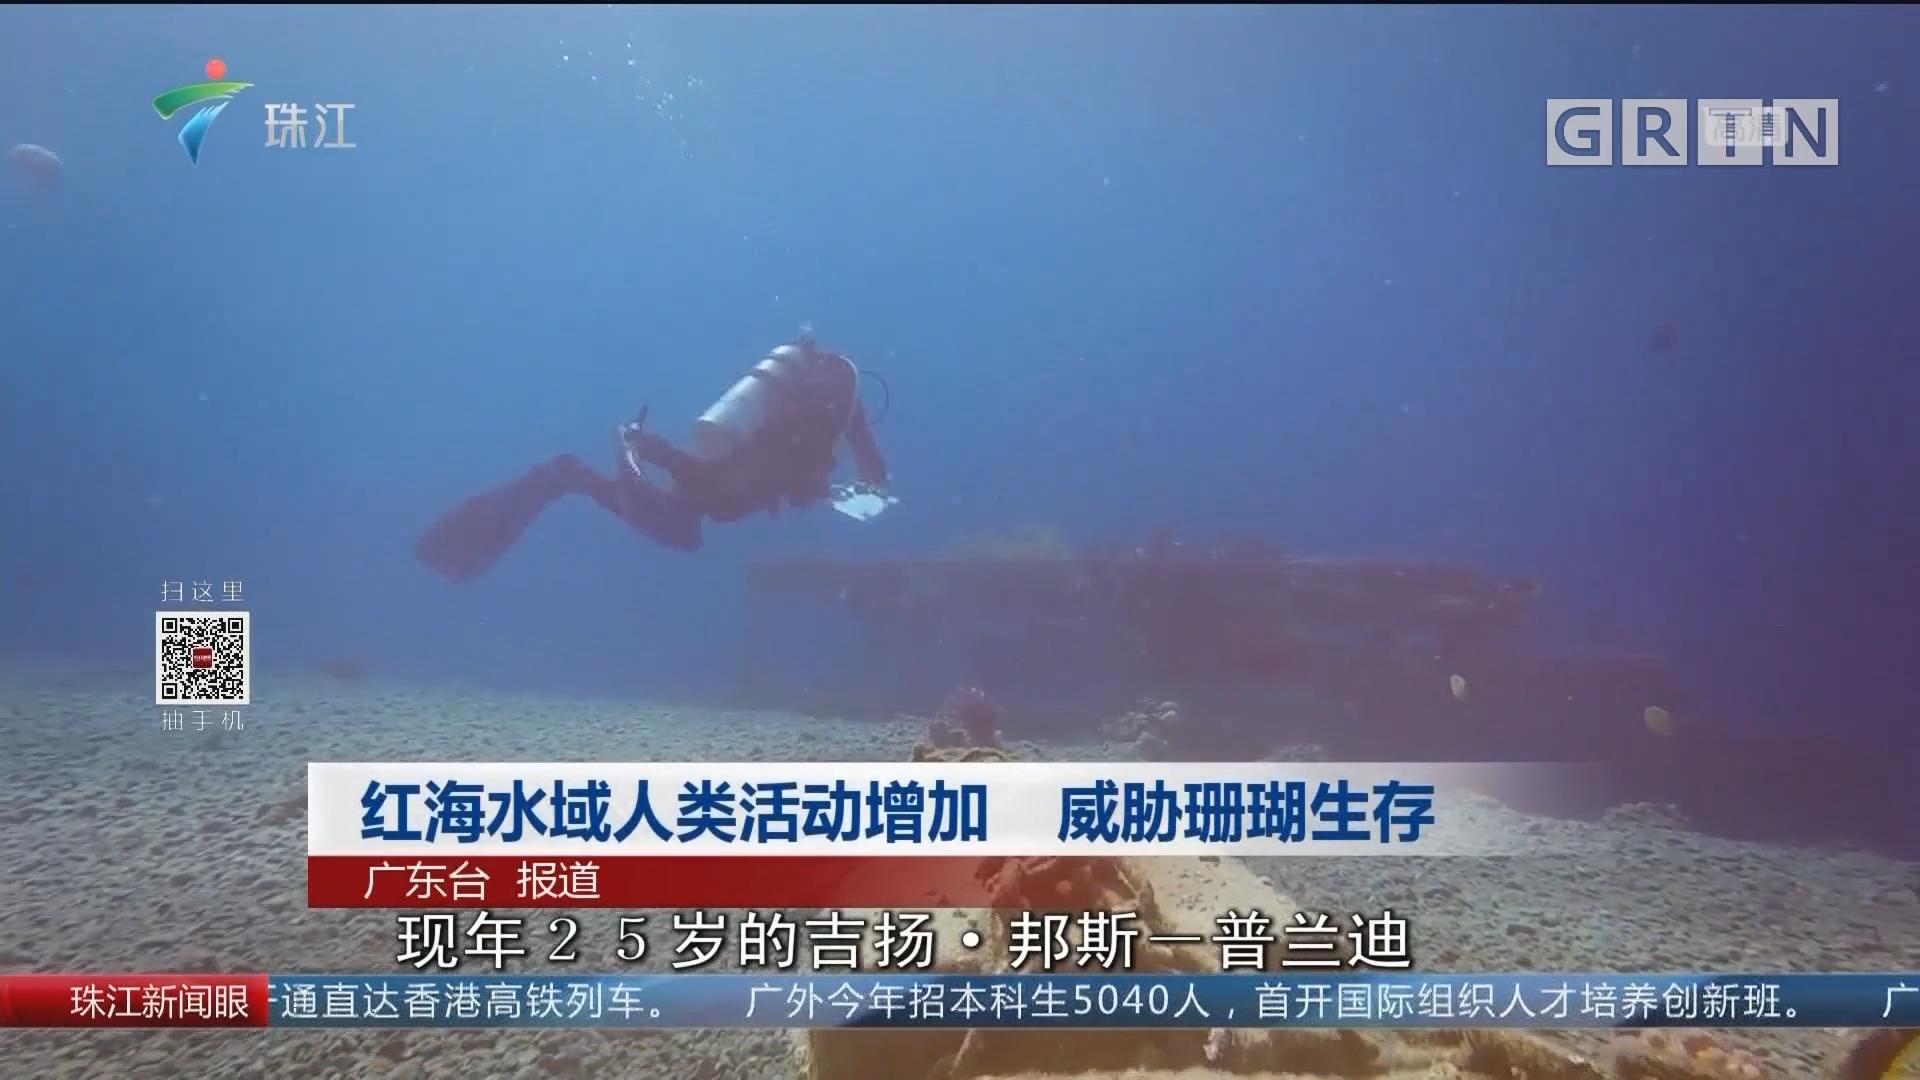 红海水域人类活动增加 威胁珊瑚生存